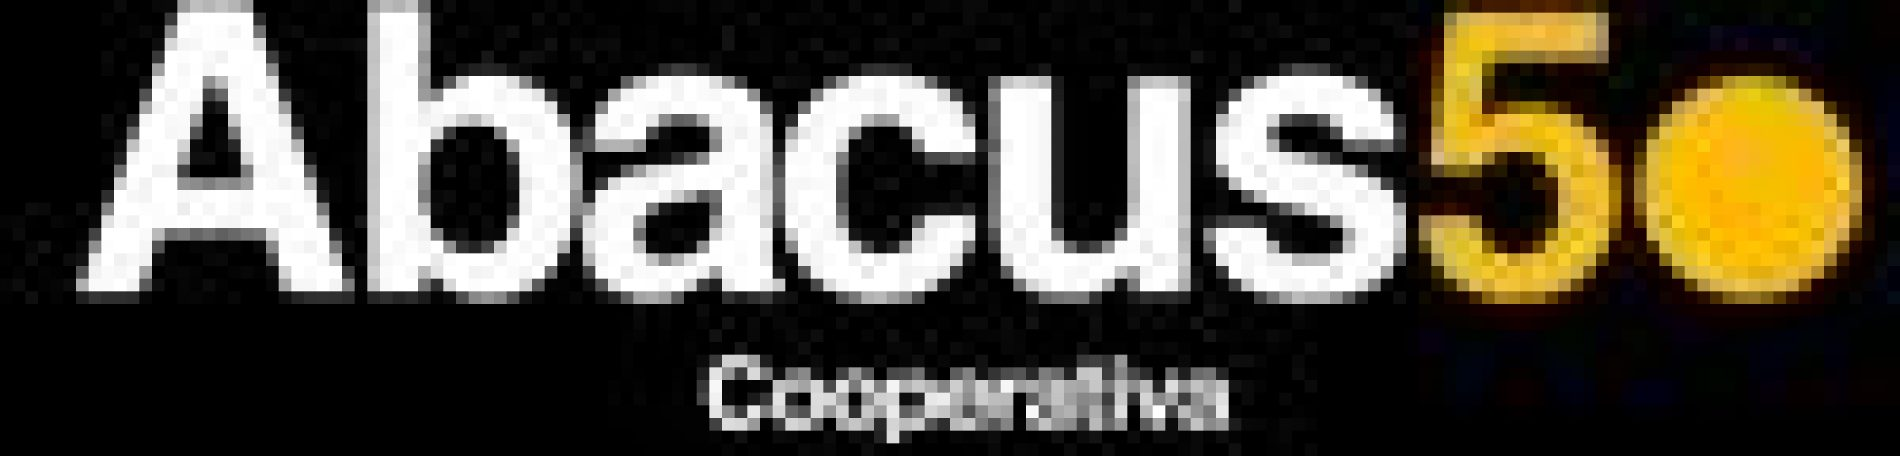 Abacus celebra els seus 50 anys dedicats al cooperativisme